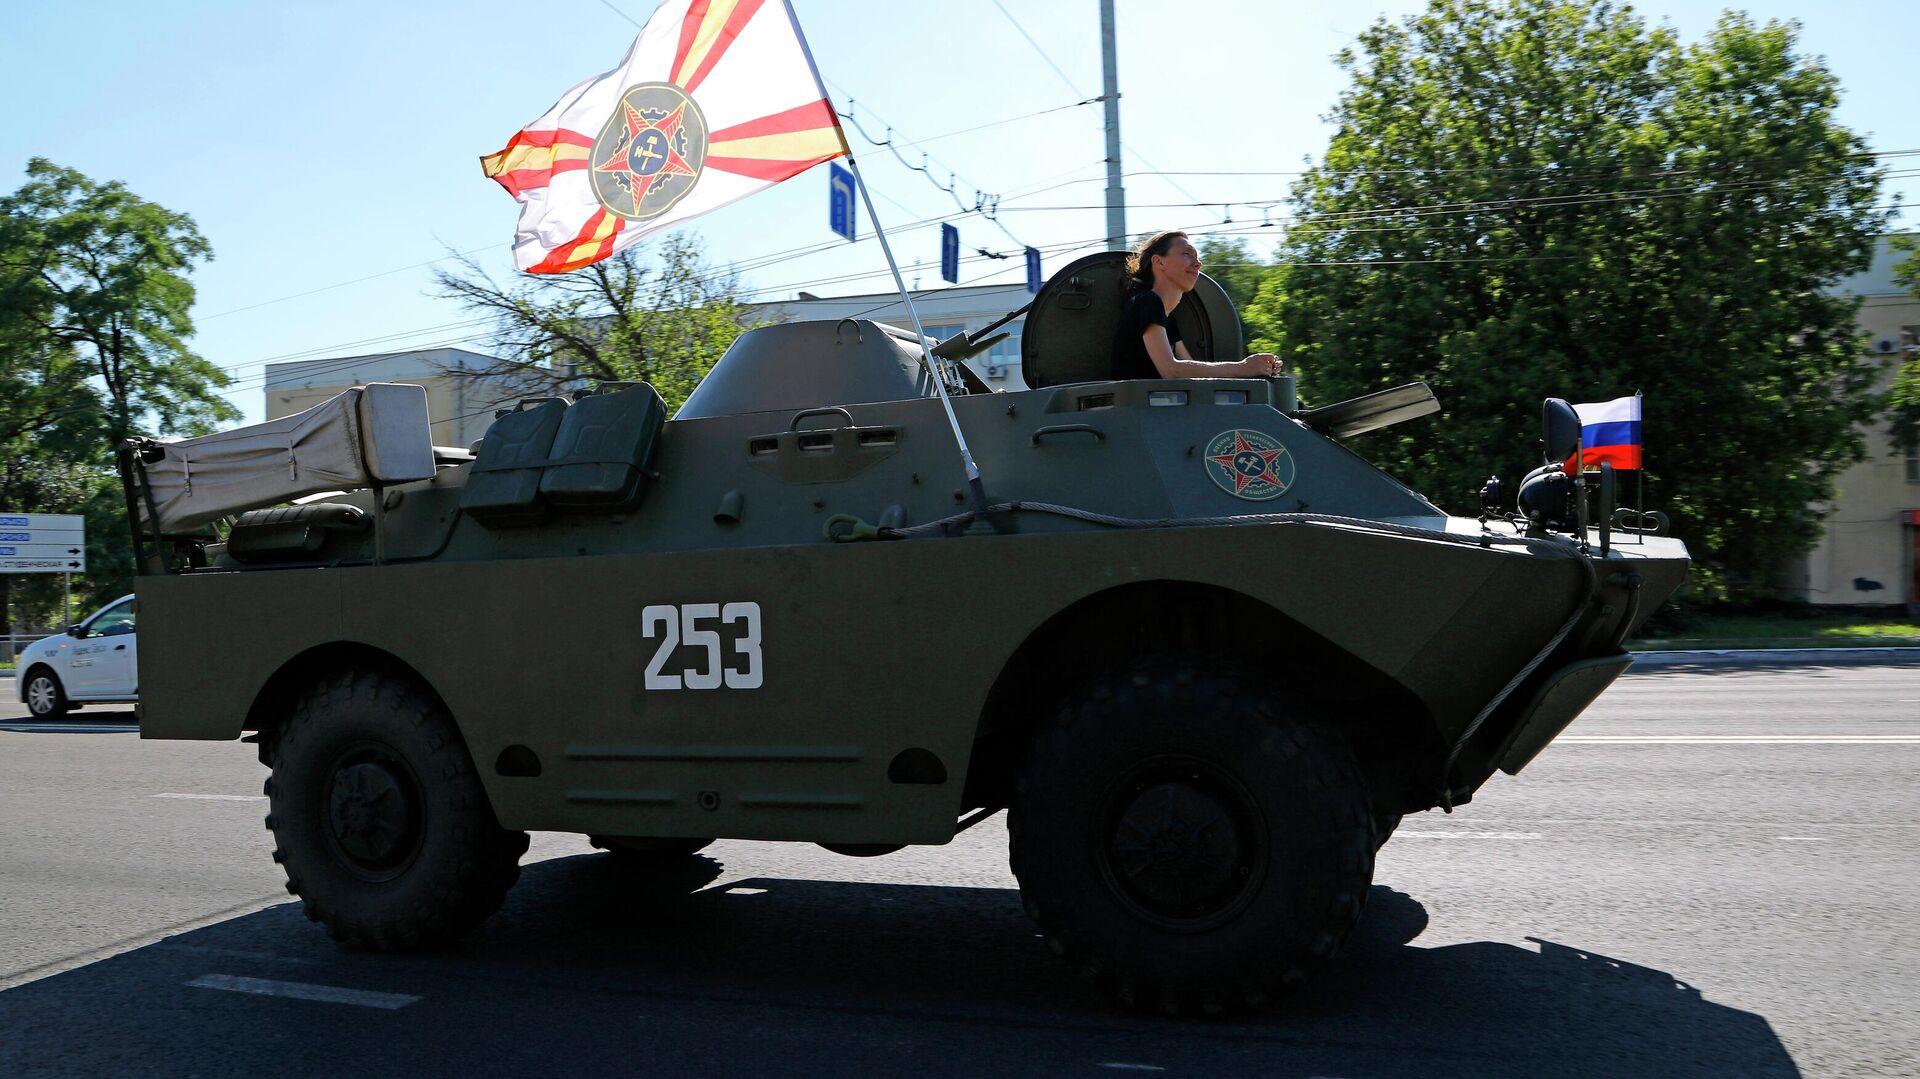 Un vehículo militar BRDM-2 durante un evento en Belgorod, Rusia - Sputnik Mundo, 1920, 15.04.2021